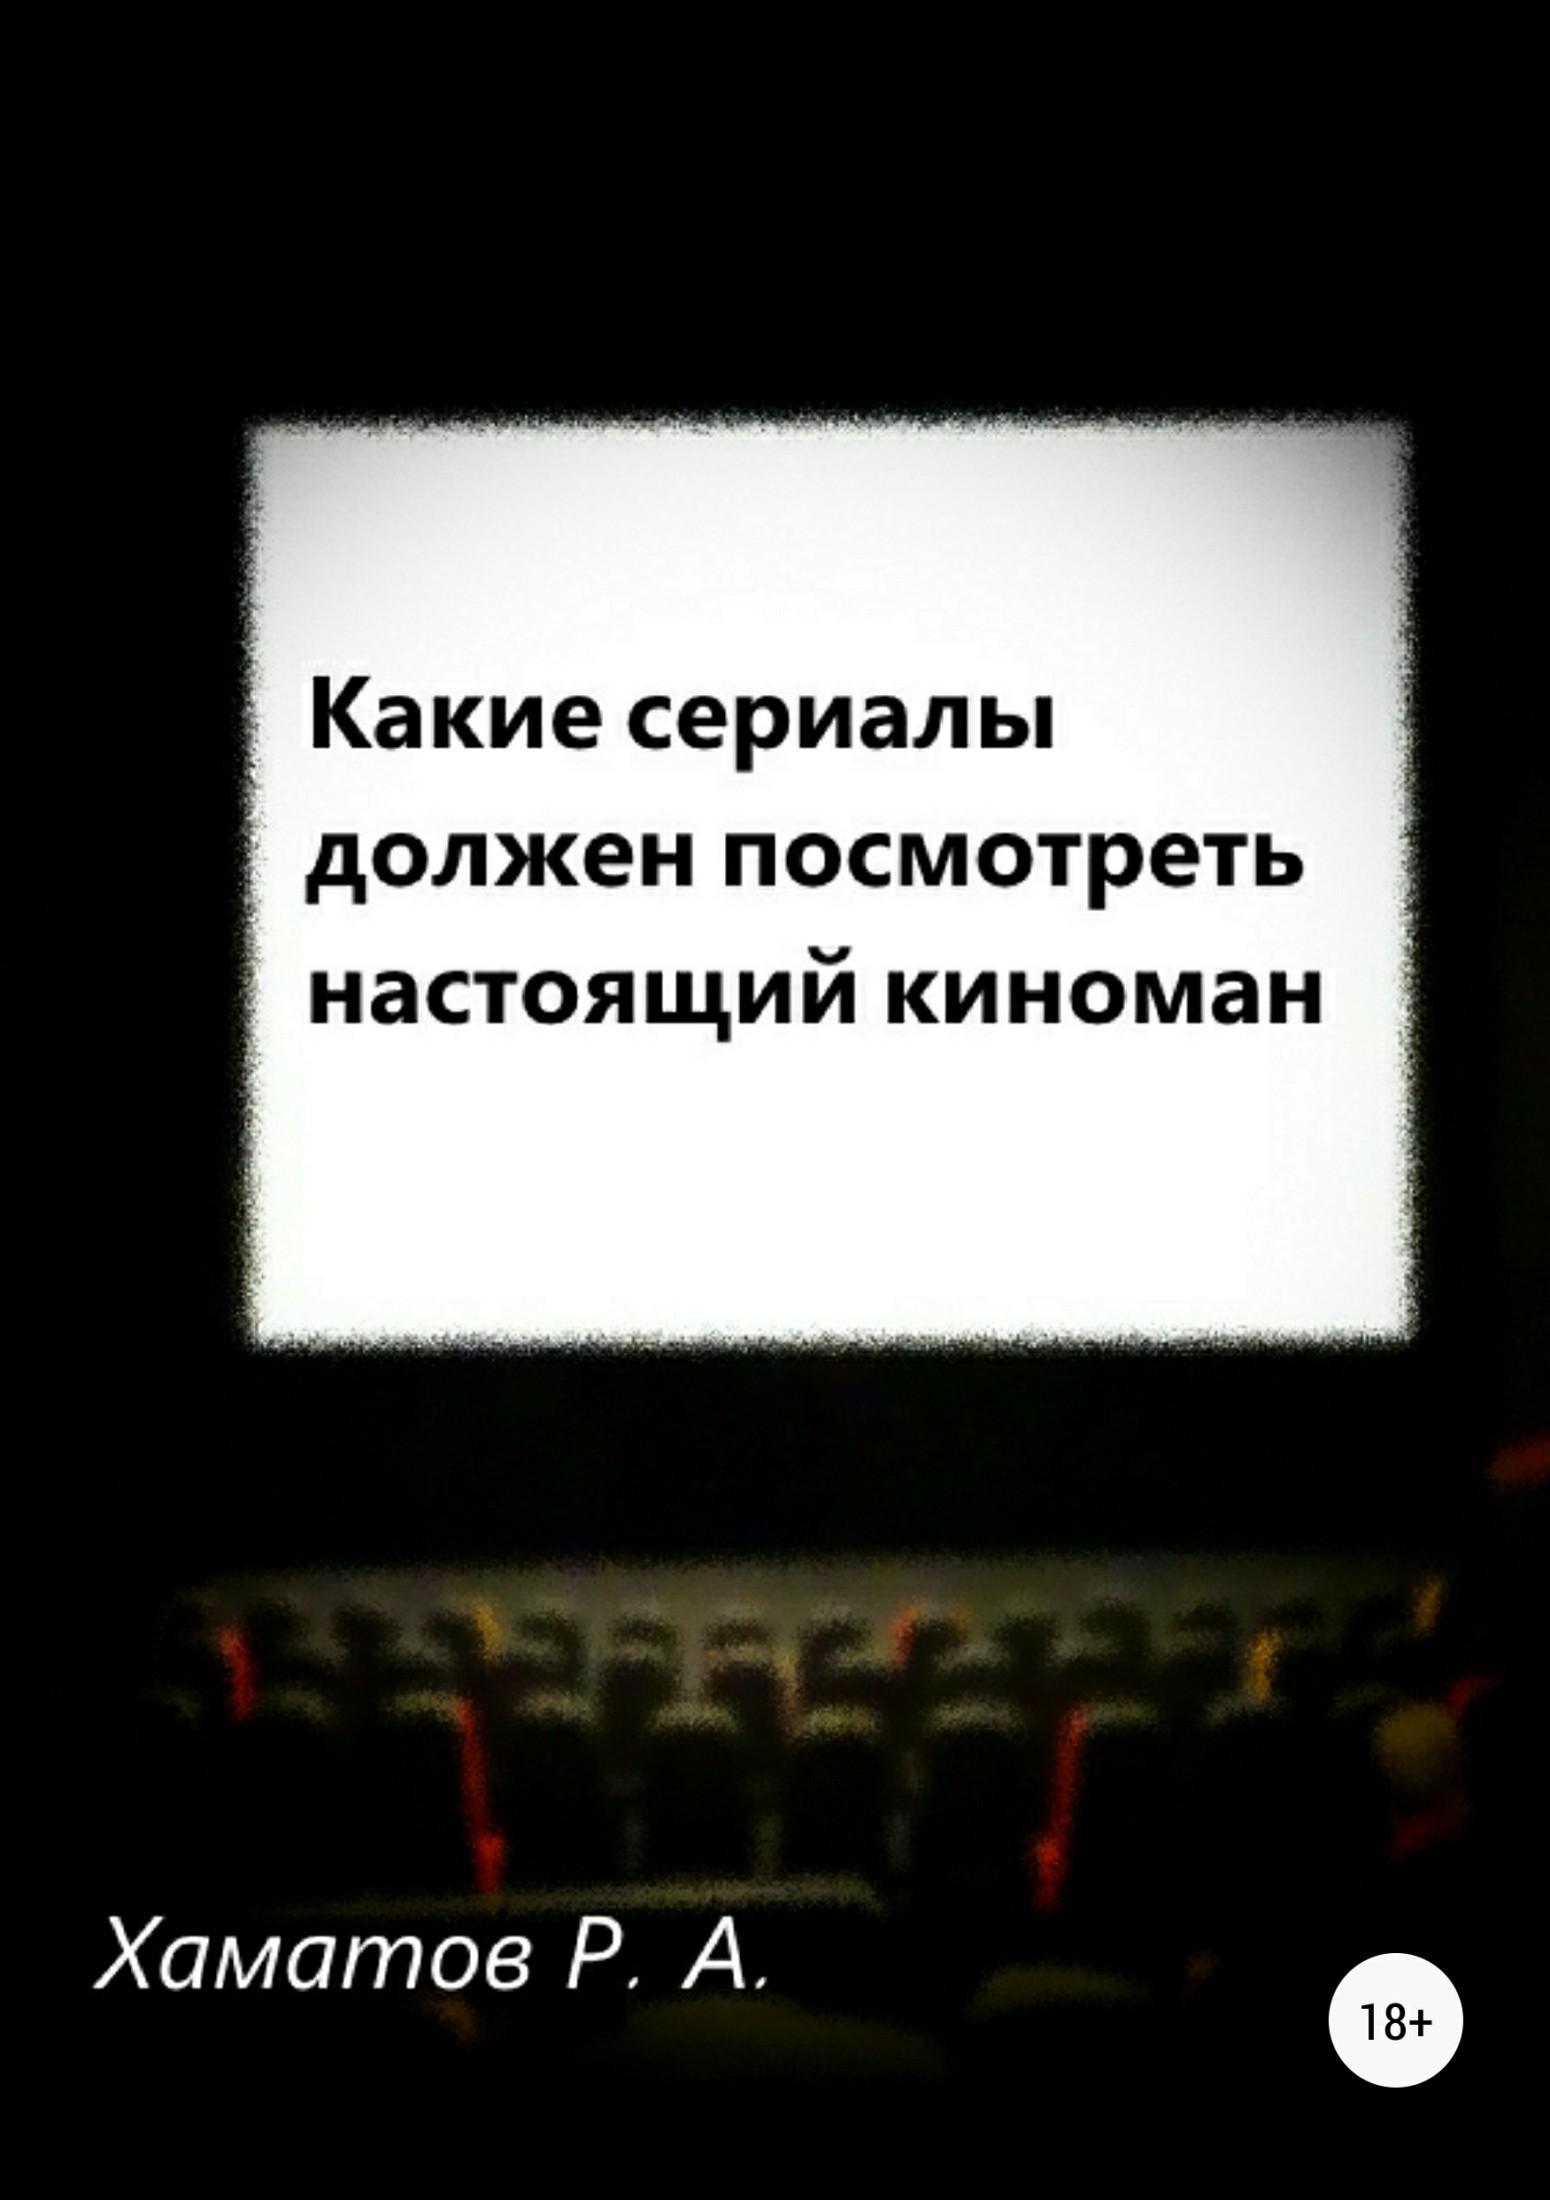 Какие сериалы должен посмотреть настоящий киноман